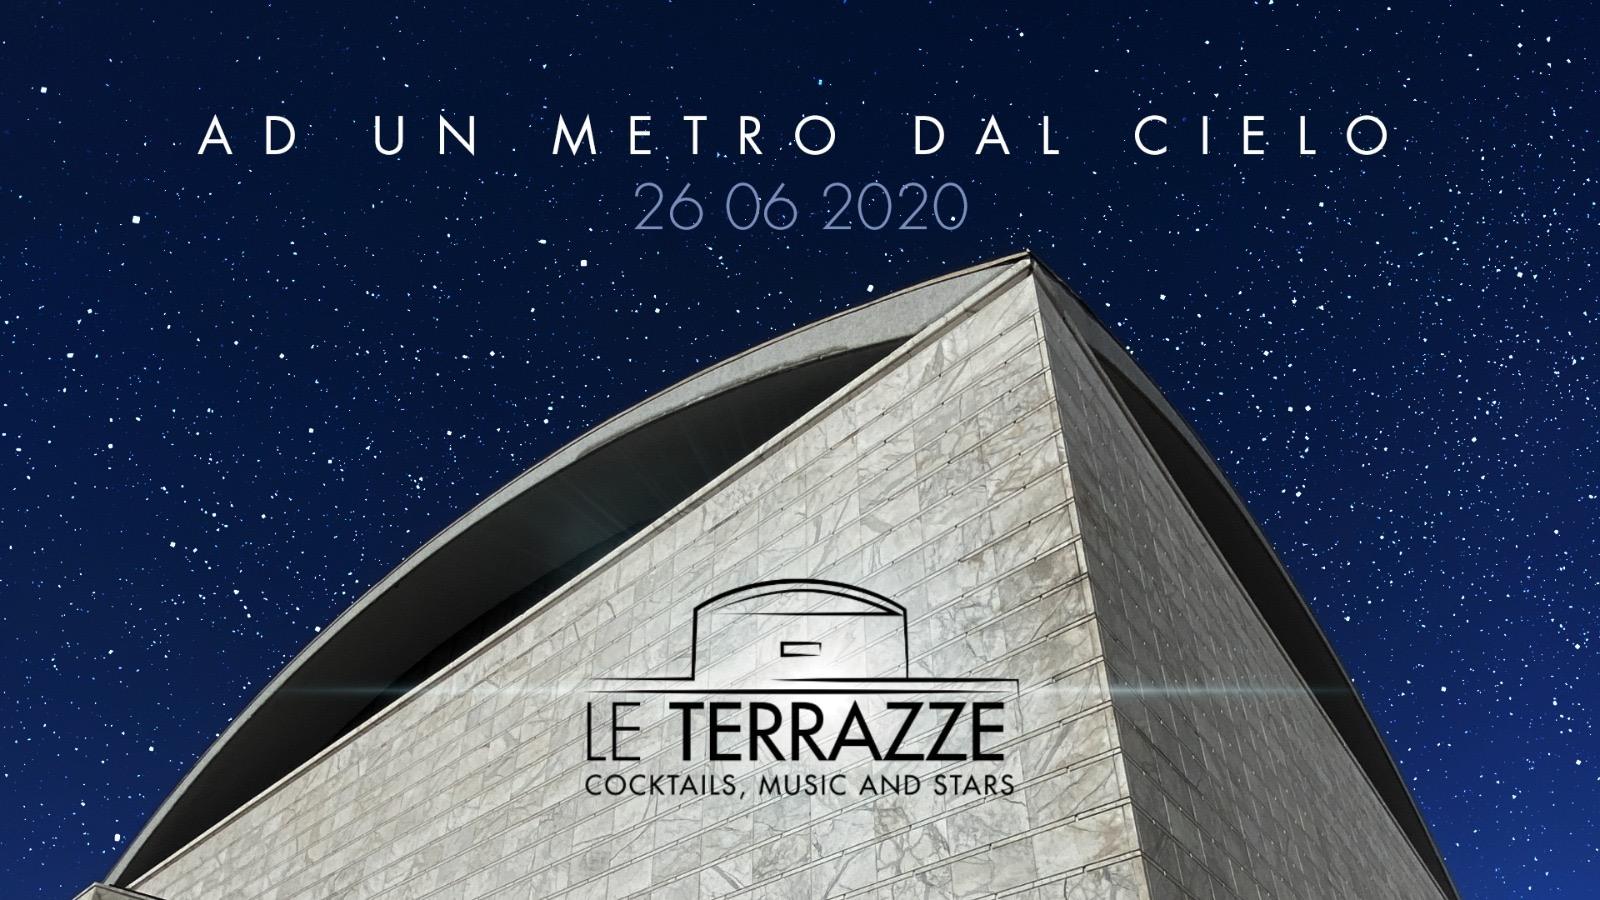 Inaugurazione Le Terrazze Eur ESTATE 2020 Venerdì 26 Giugno 2020